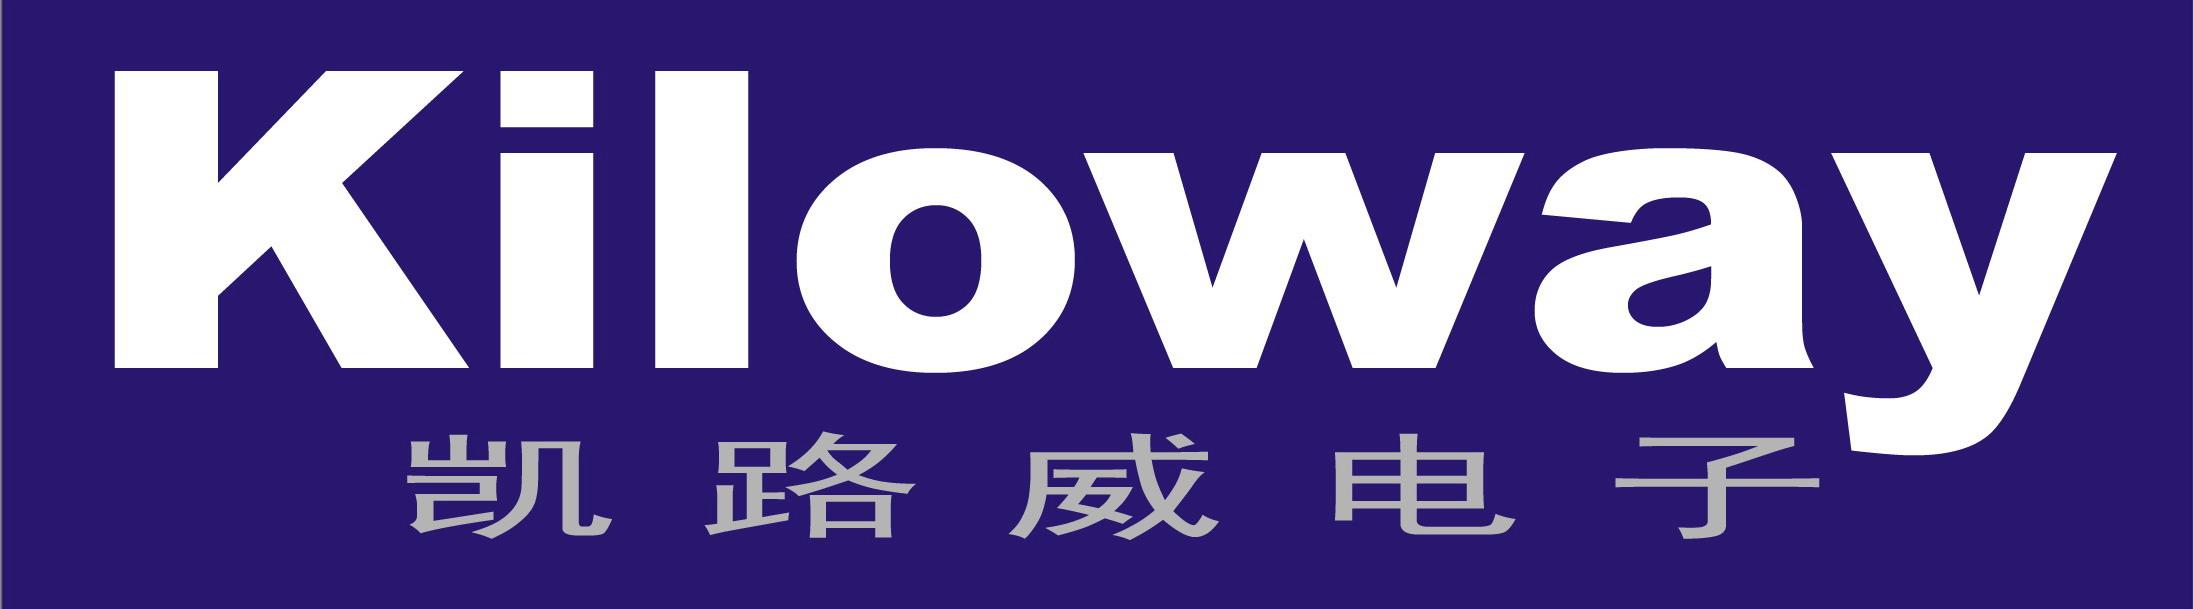 四川凯路威电子有限公司